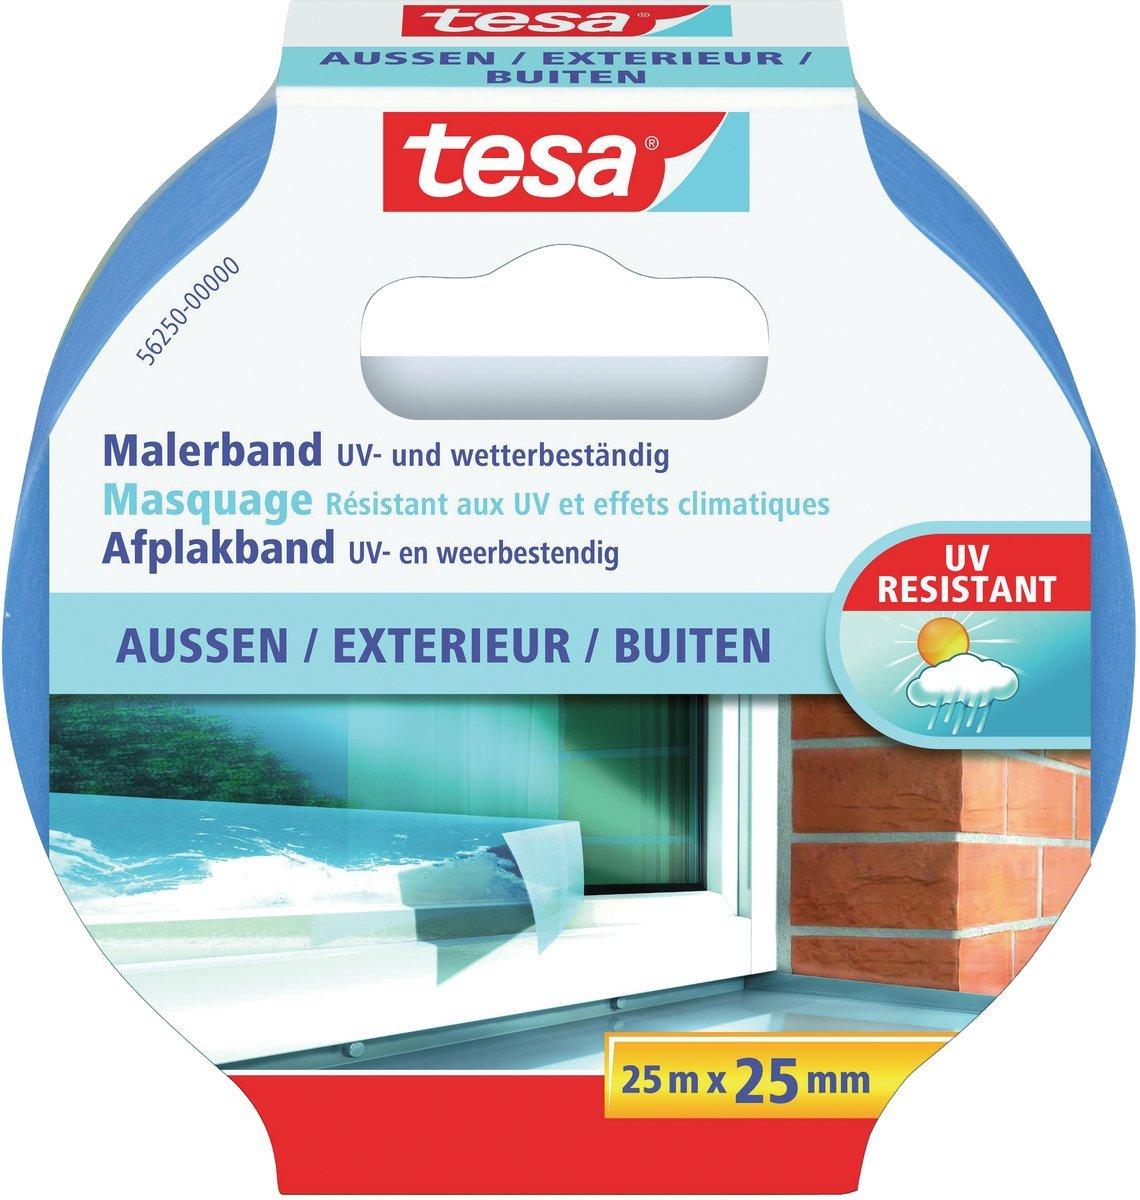 GP:0,16€/M tesa Malerband AUSSEN – Dünnes Abdeckband für extrem präzises Abkleben bei Malerarbeiten